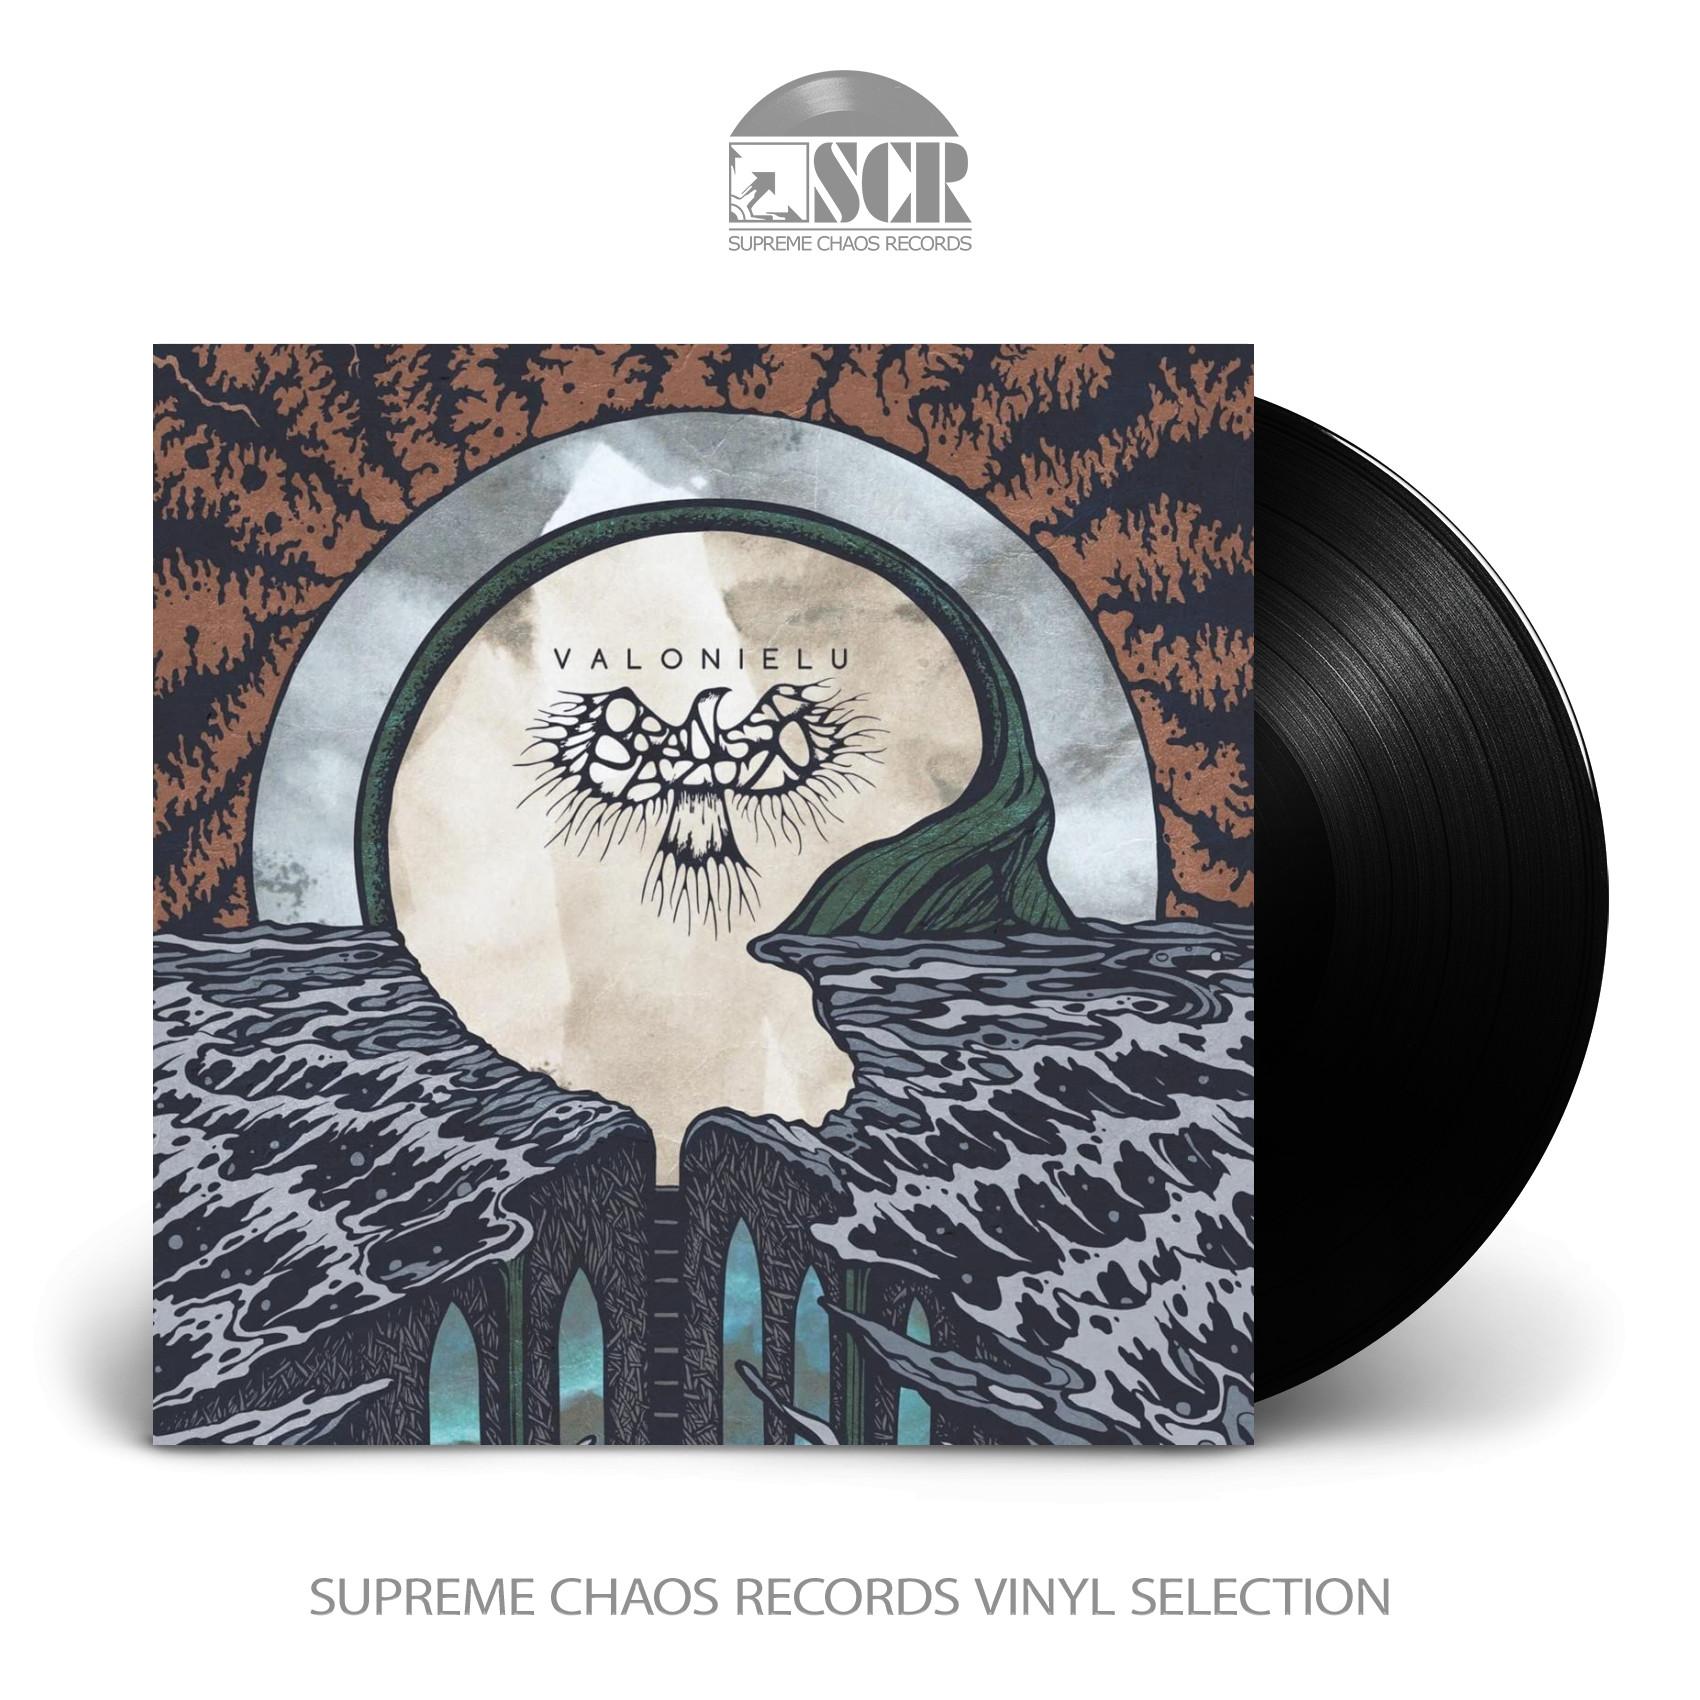 ORANSSI PAZUZU - Valonielu [BLACK] (LP)